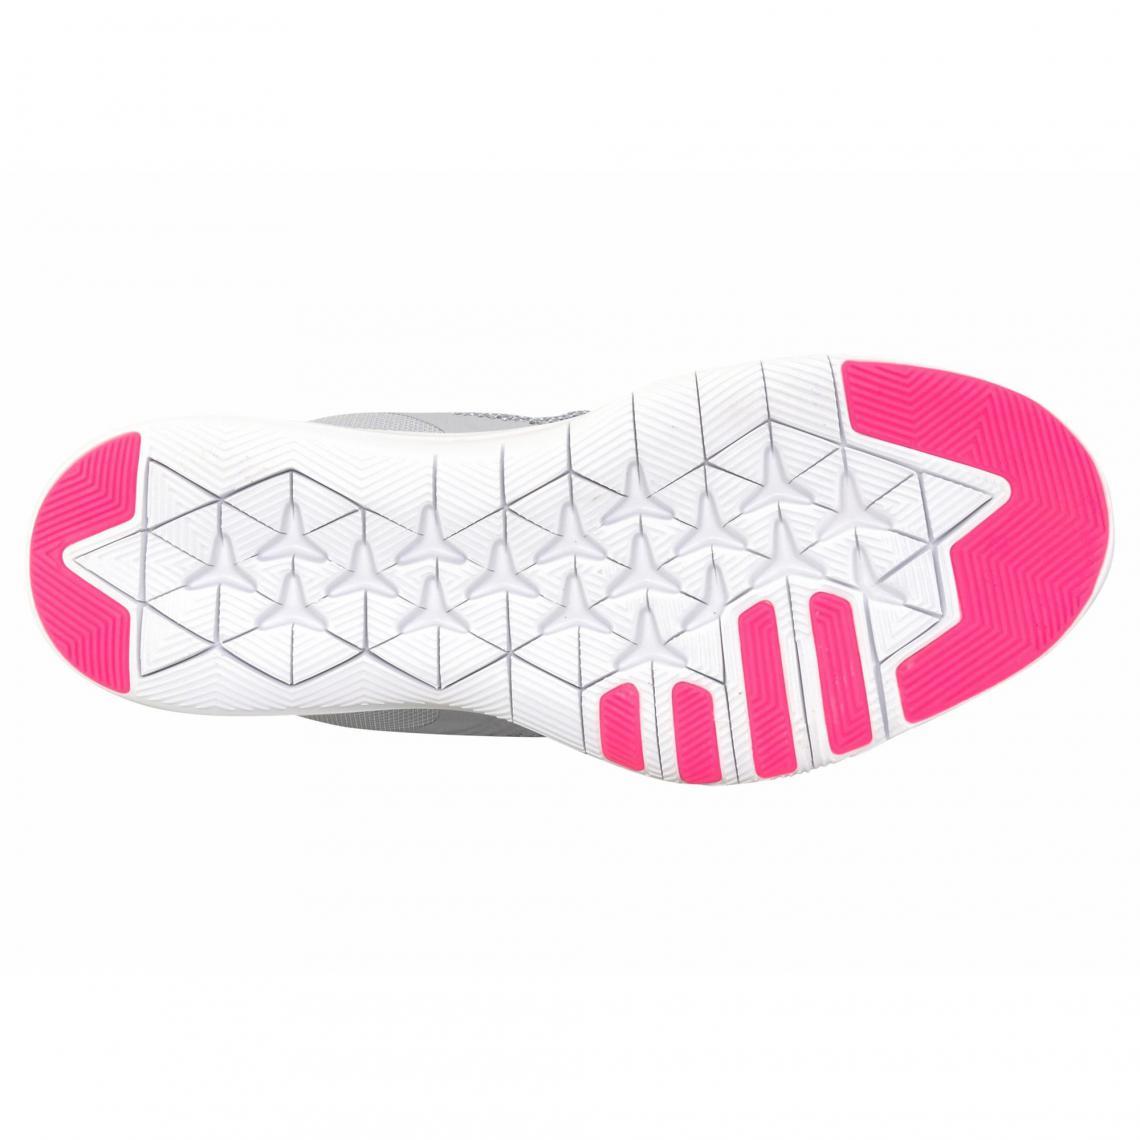 Chaussures de sport Nike Cliquez l image pour l agrandir. Chaussures de  running Flex Trainer 7 Nike pour femme - Gris ... 0b8a59ab8554